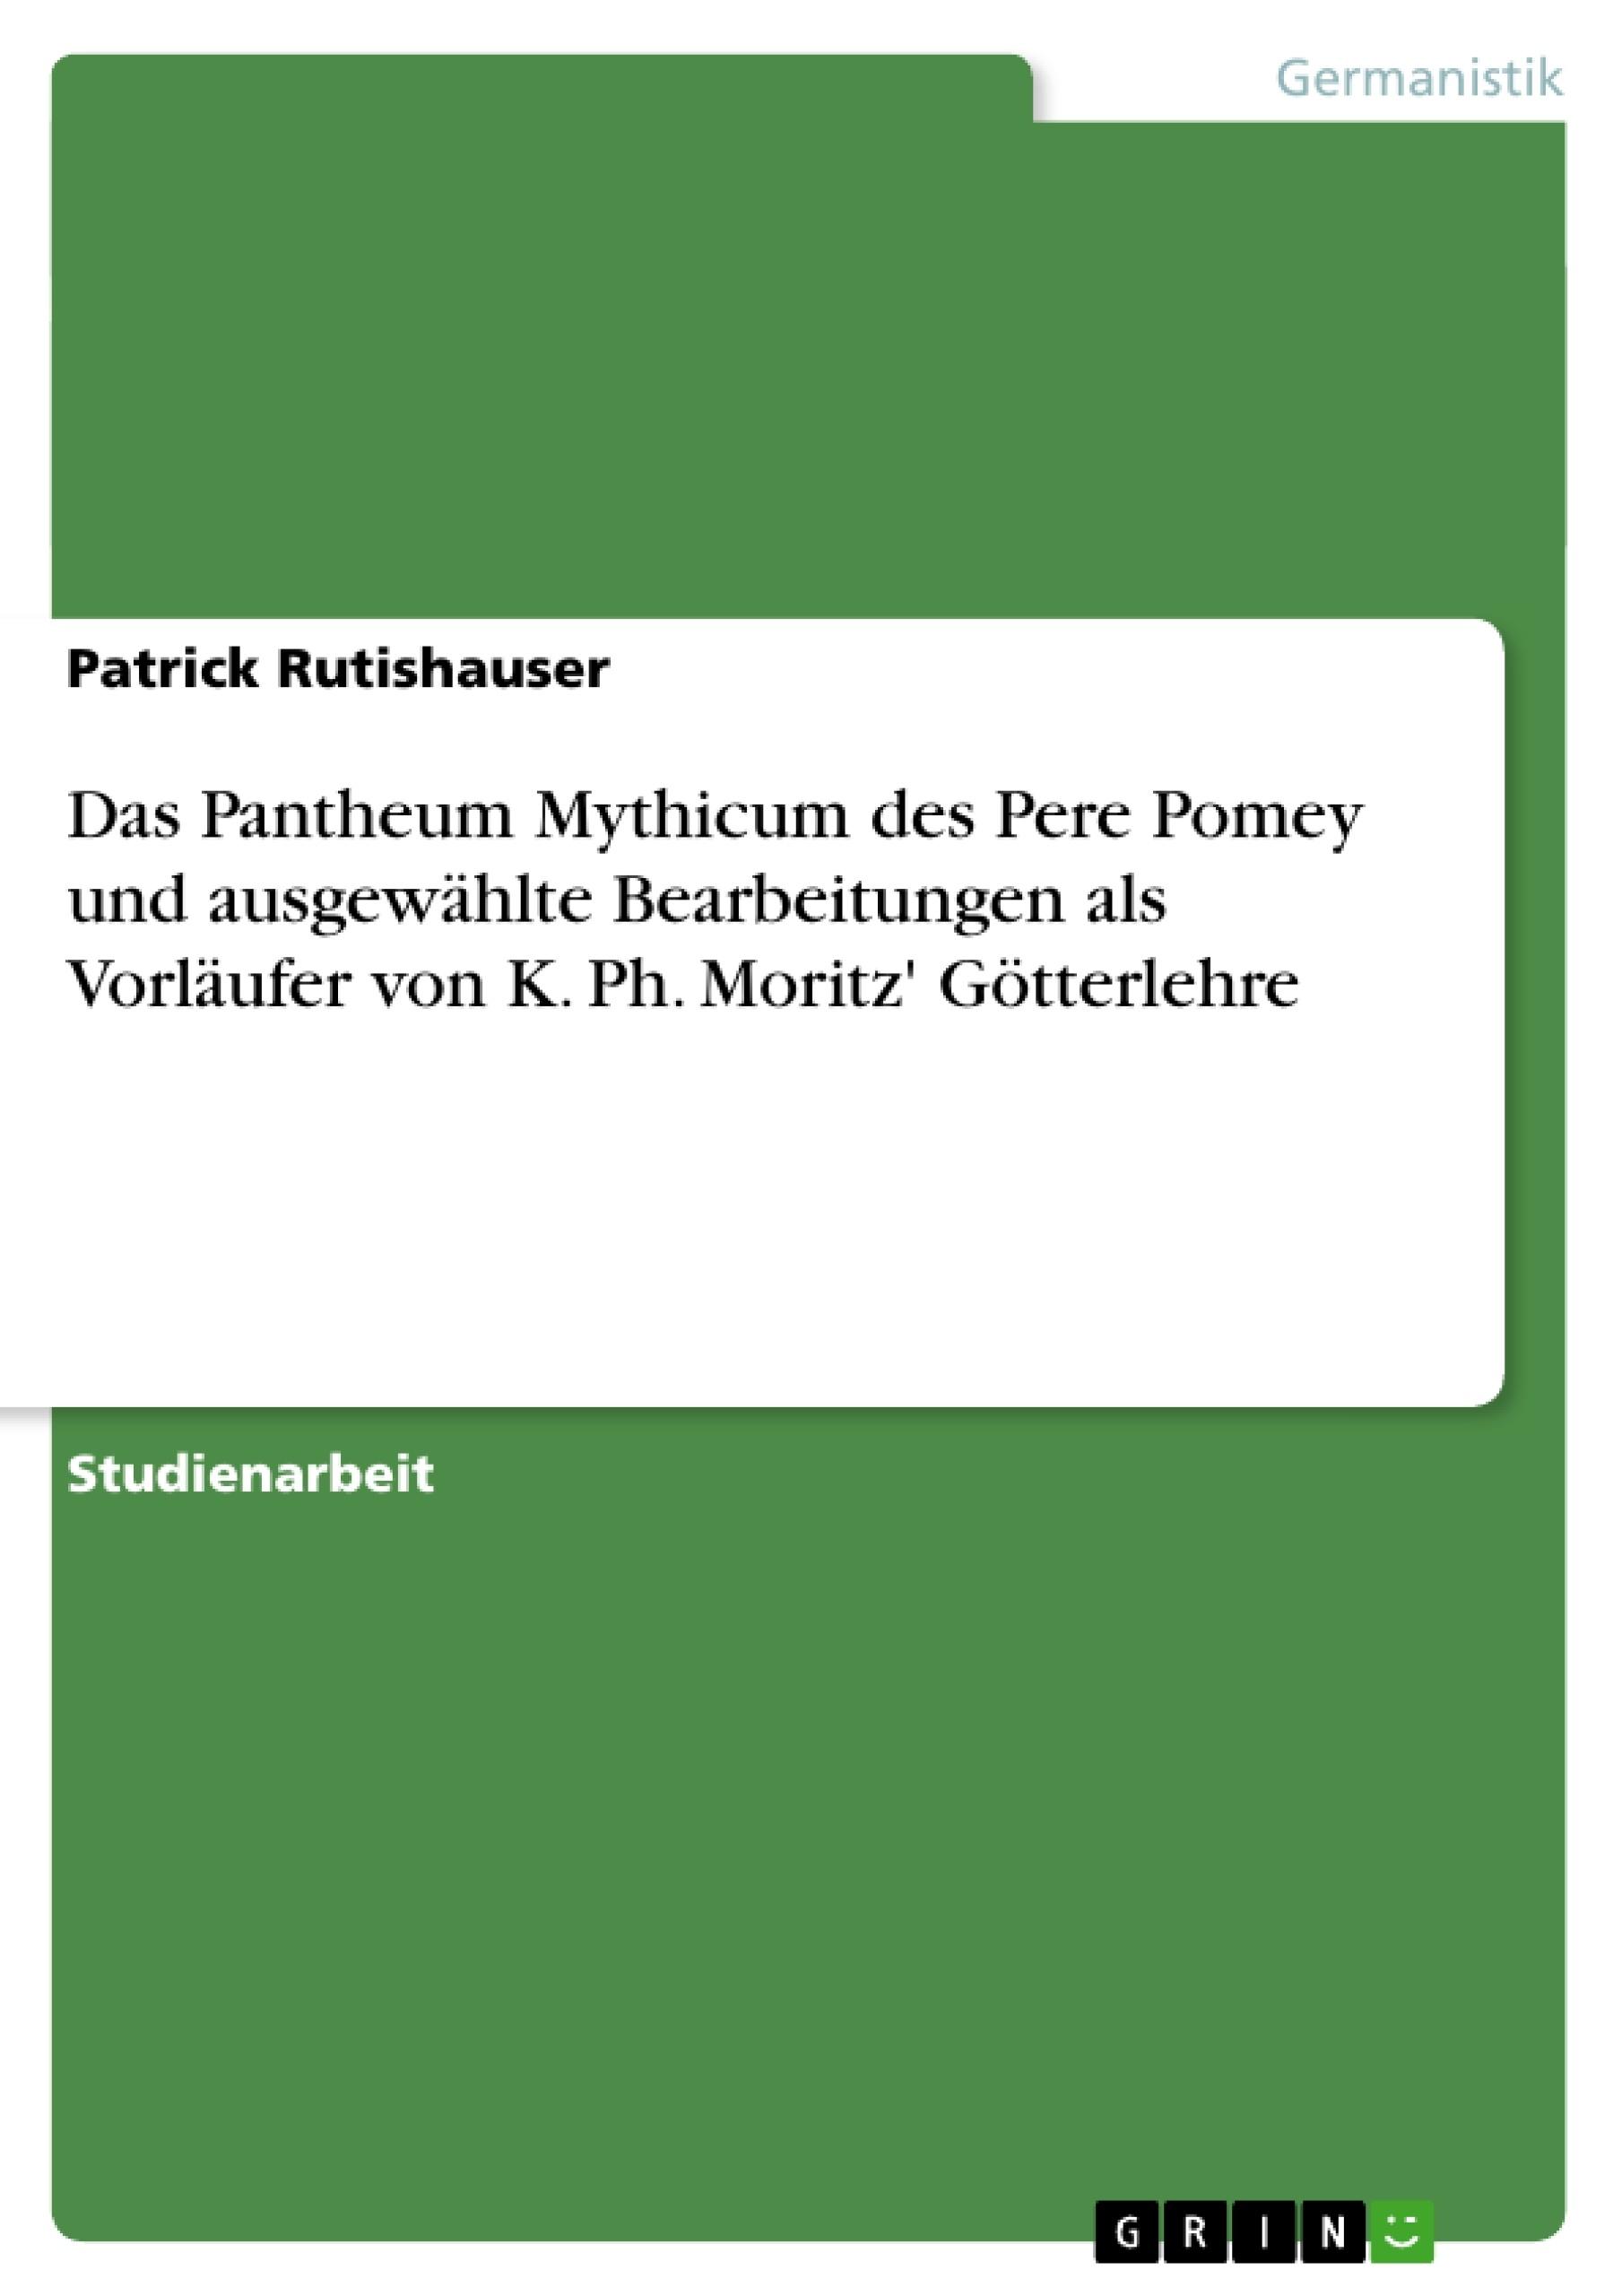 Titel: Das Pantheum Mythicum des Pere Pomey und ausgewählte Bearbeitungen als Vorläufer von K. Ph. Moritz' Götterlehre